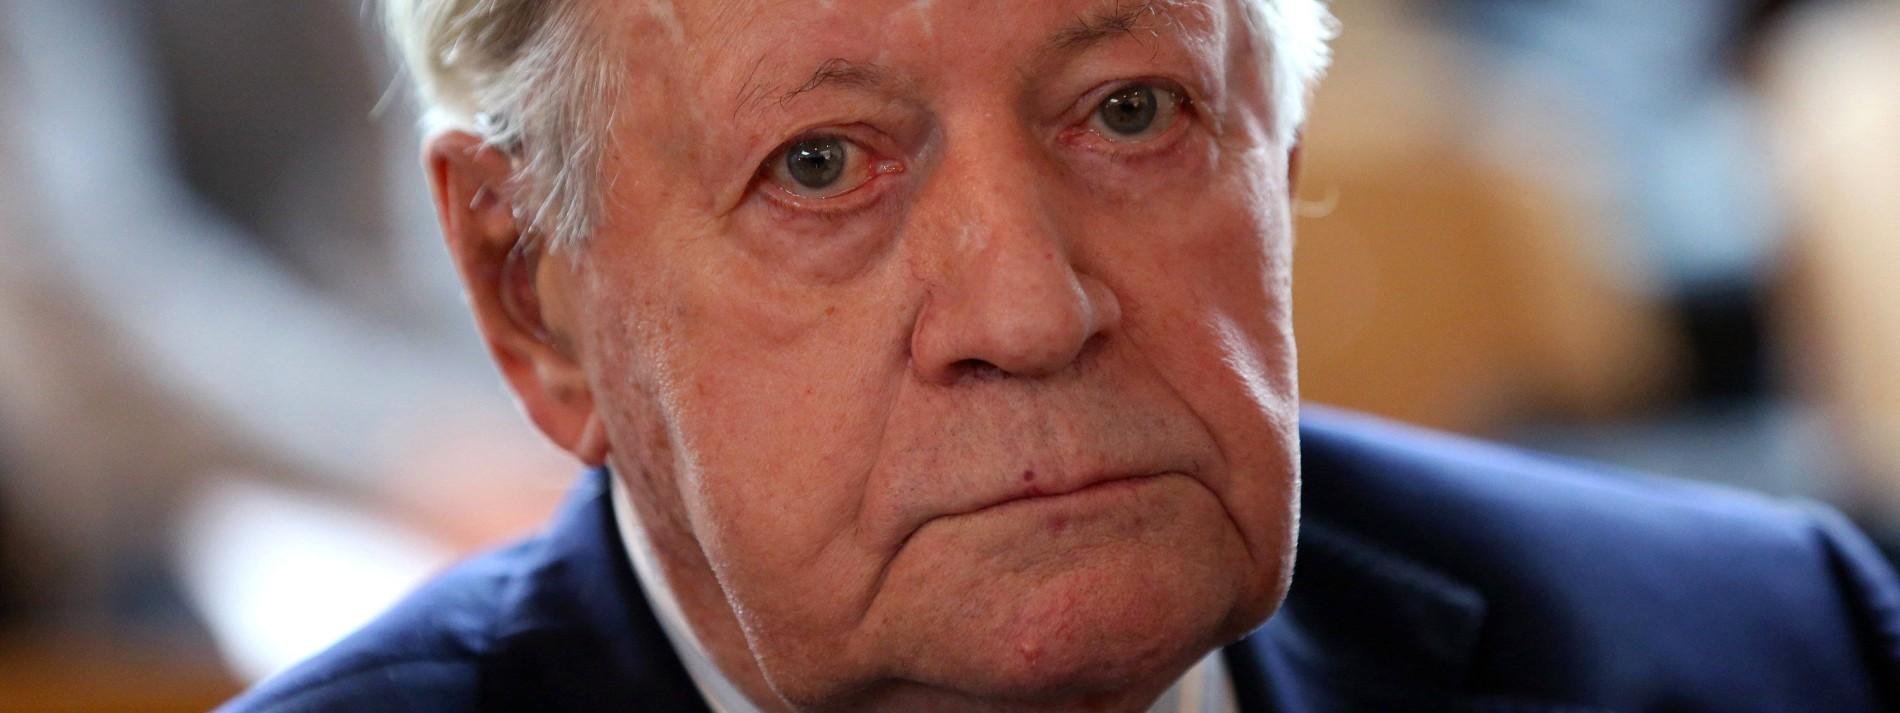 Helmut Schmidt ins Krankenhaus eingeliefert